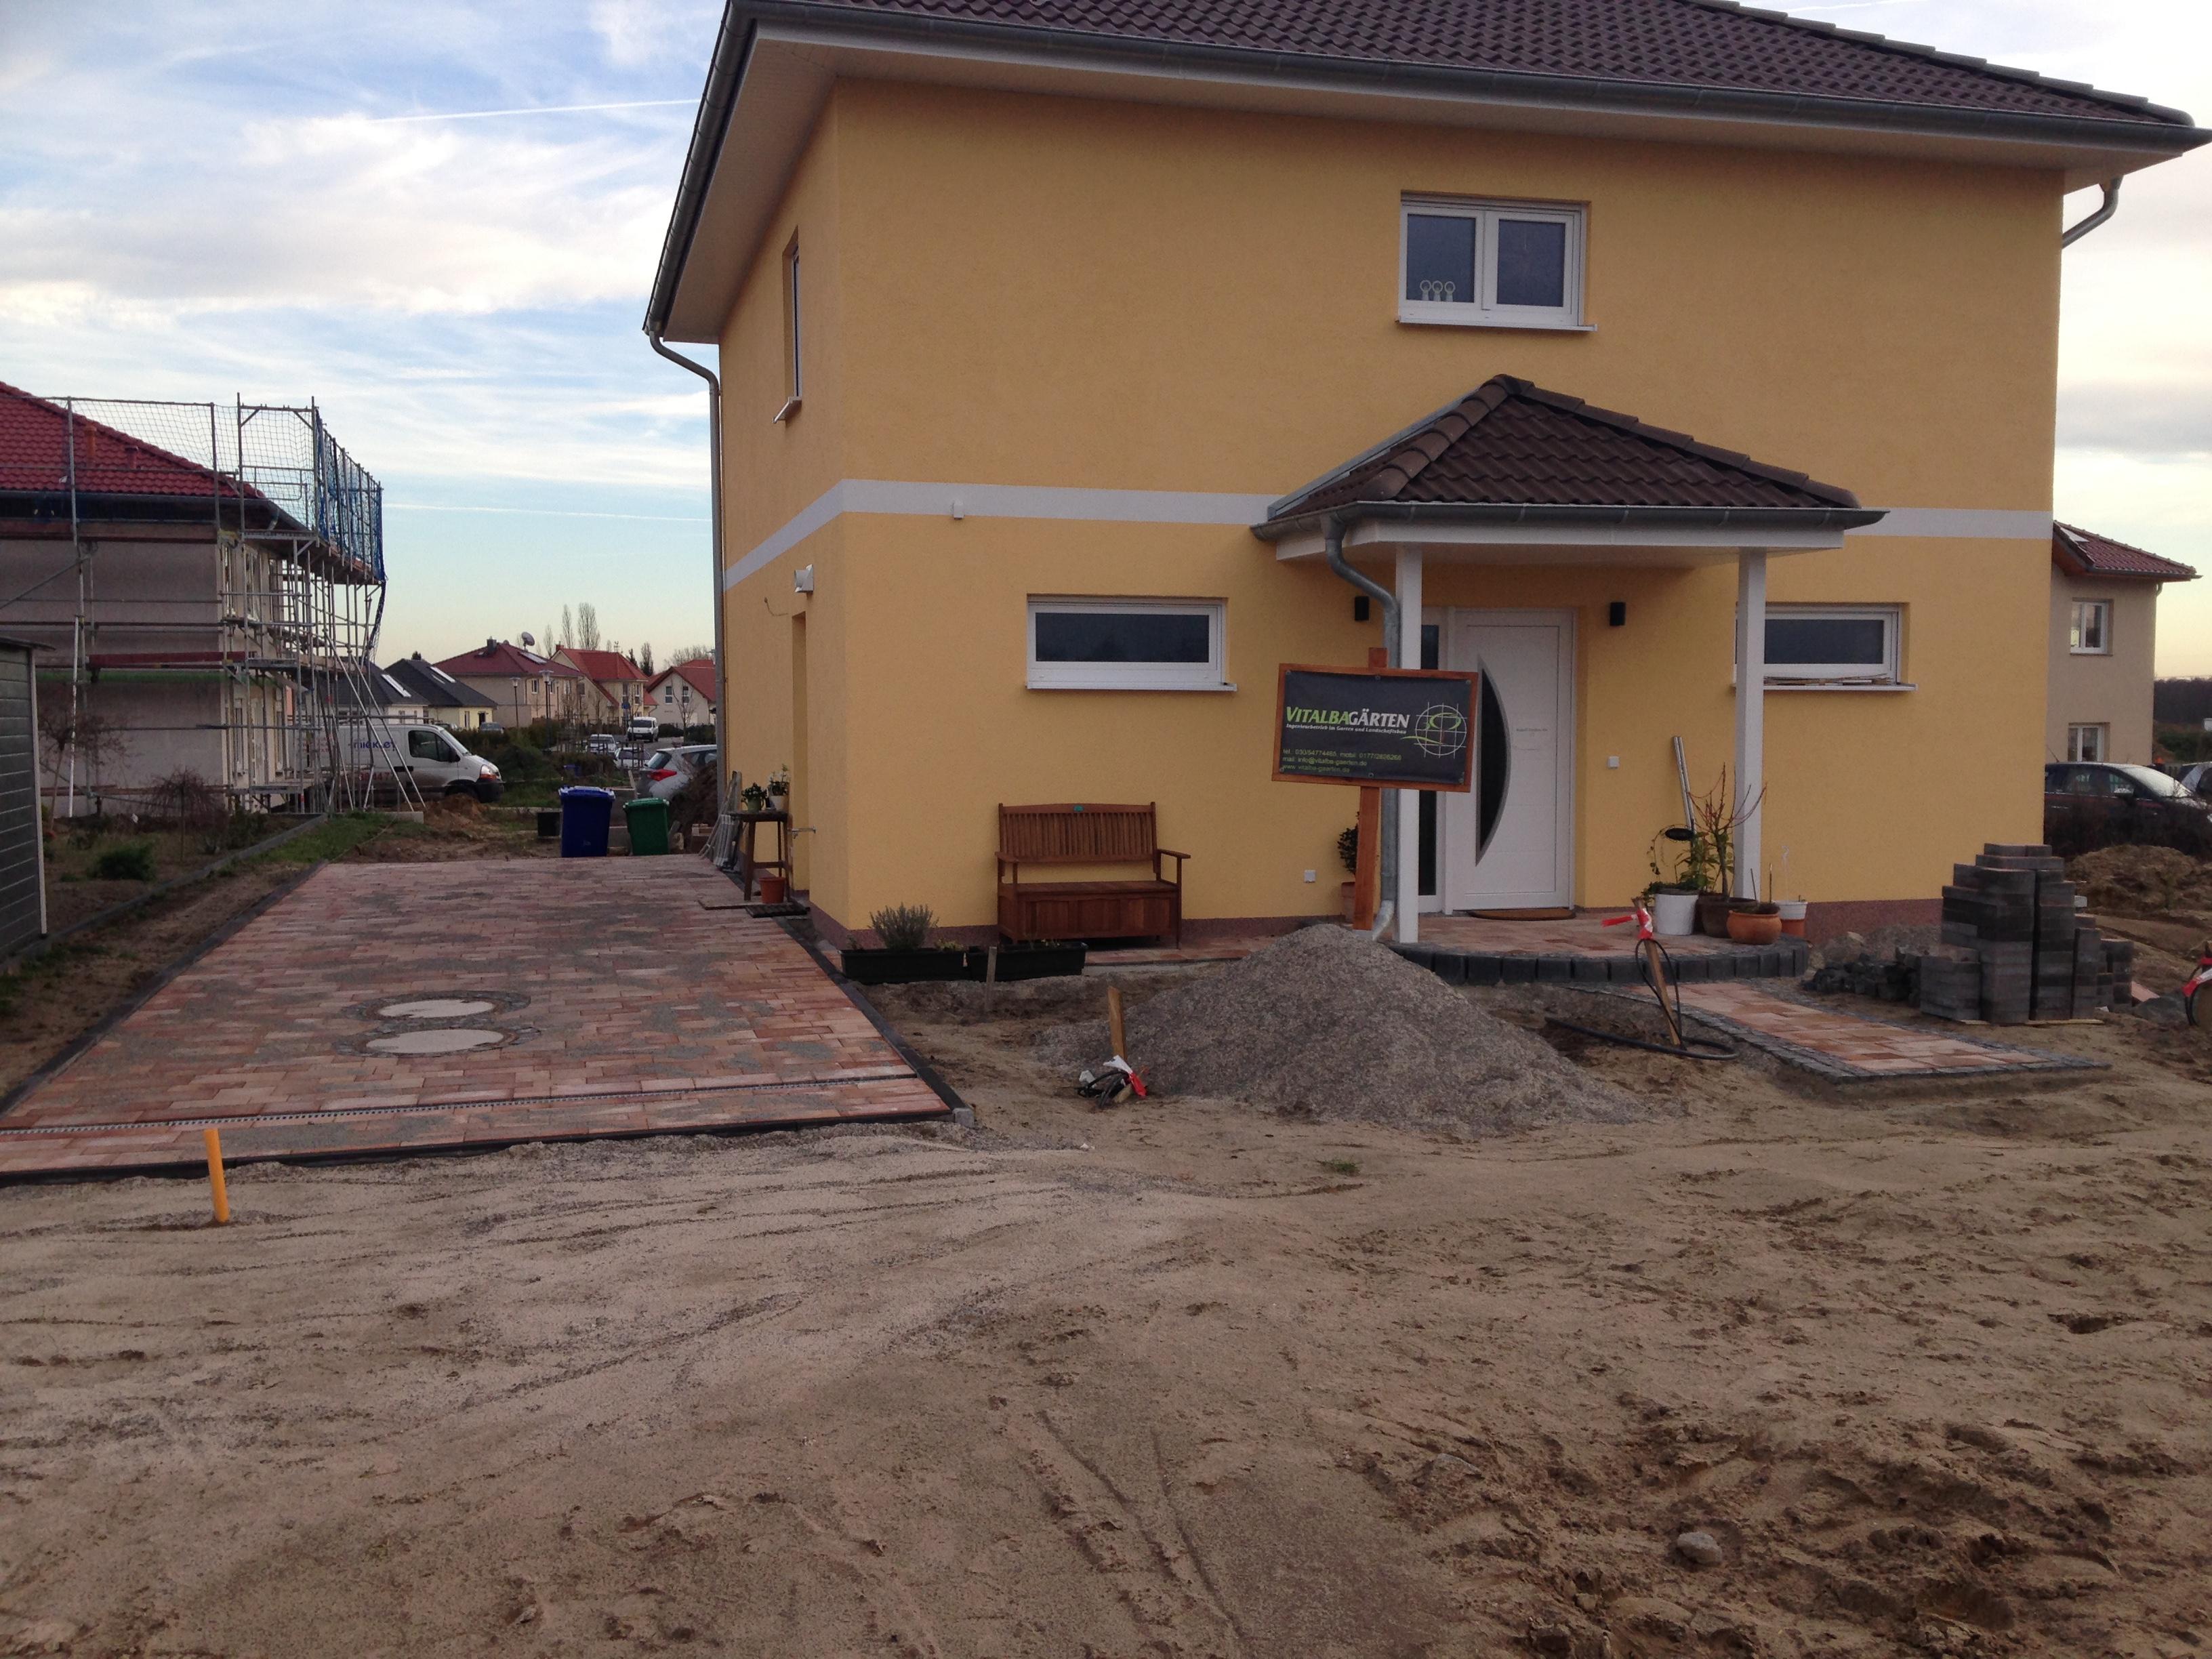 alle wege f hren zum haus wir bauen eine villa. Black Bedroom Furniture Sets. Home Design Ideas